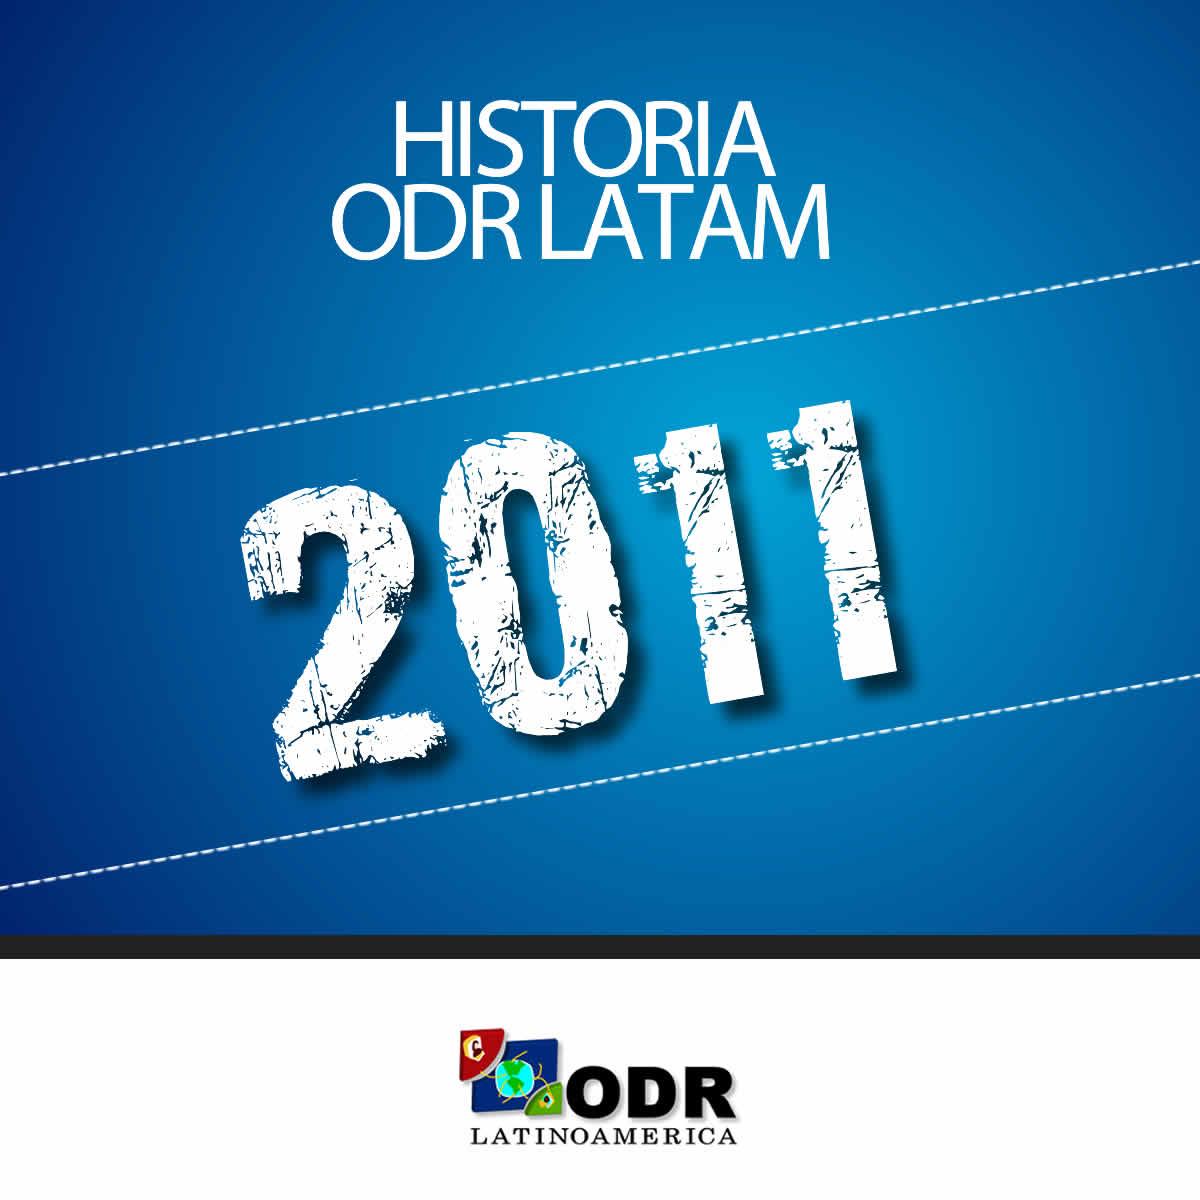 Historia ODR LATAM 2011